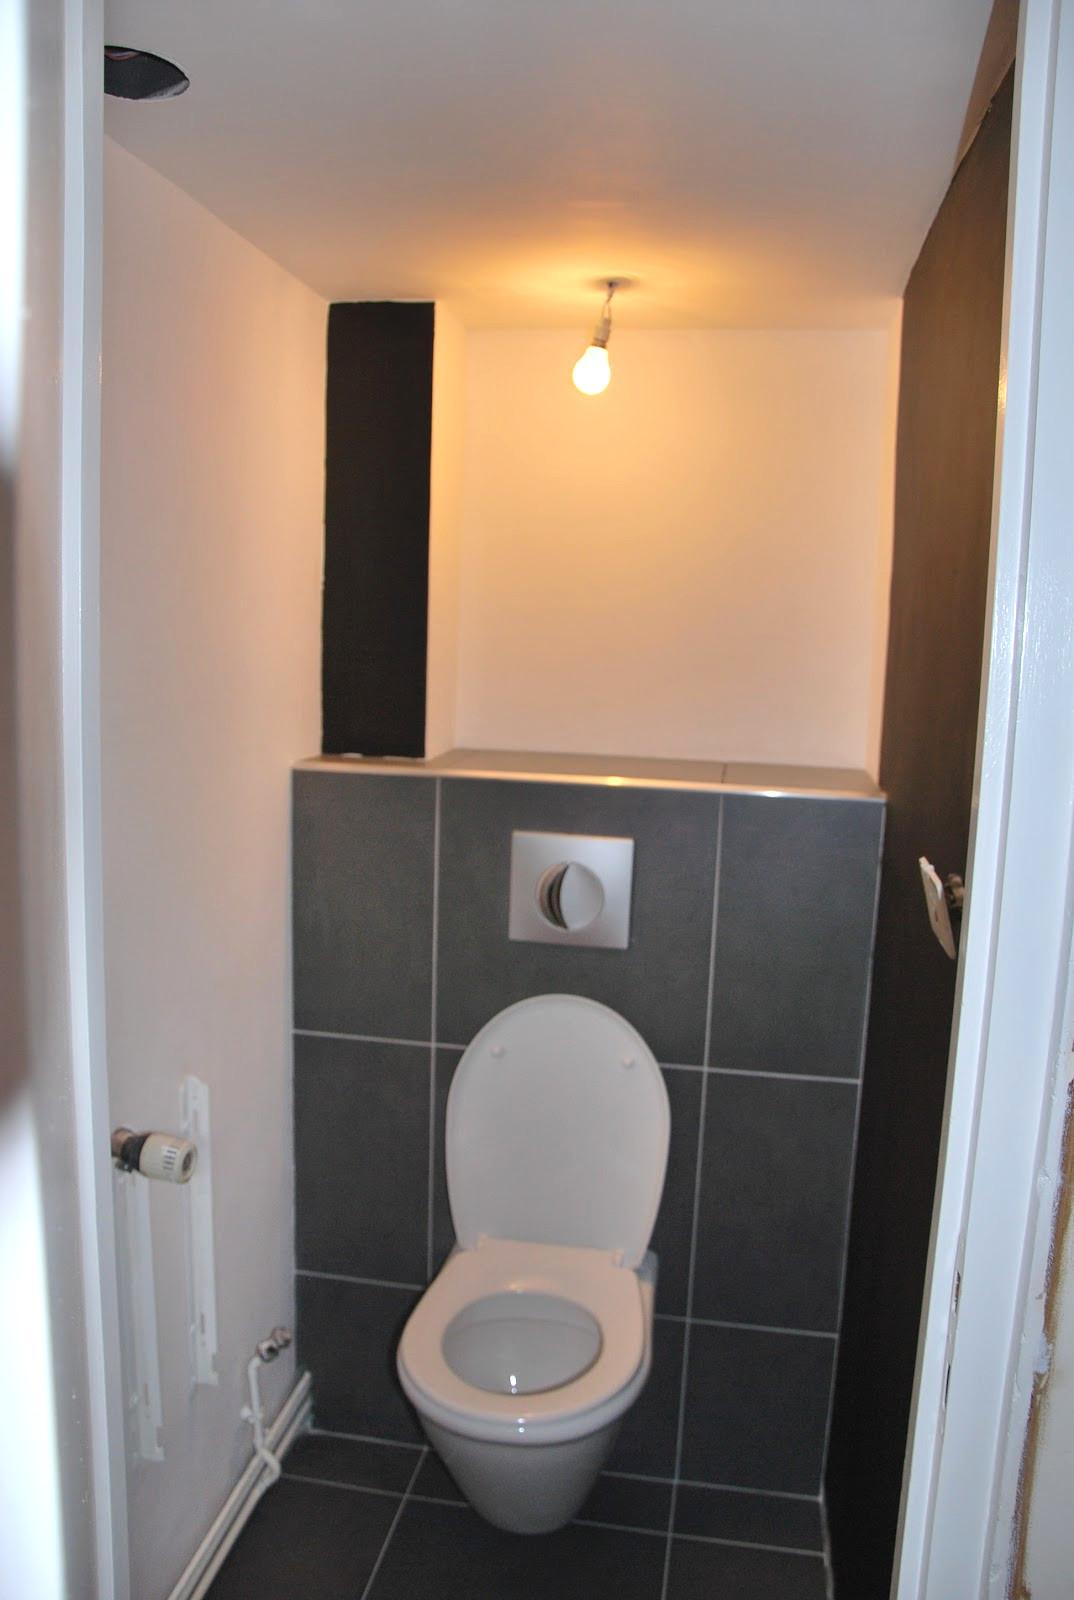 Habillage Wc Suspendu Placo Elegant Habillage Wc Suspendu pour Toilette Suspendu Pas Cher